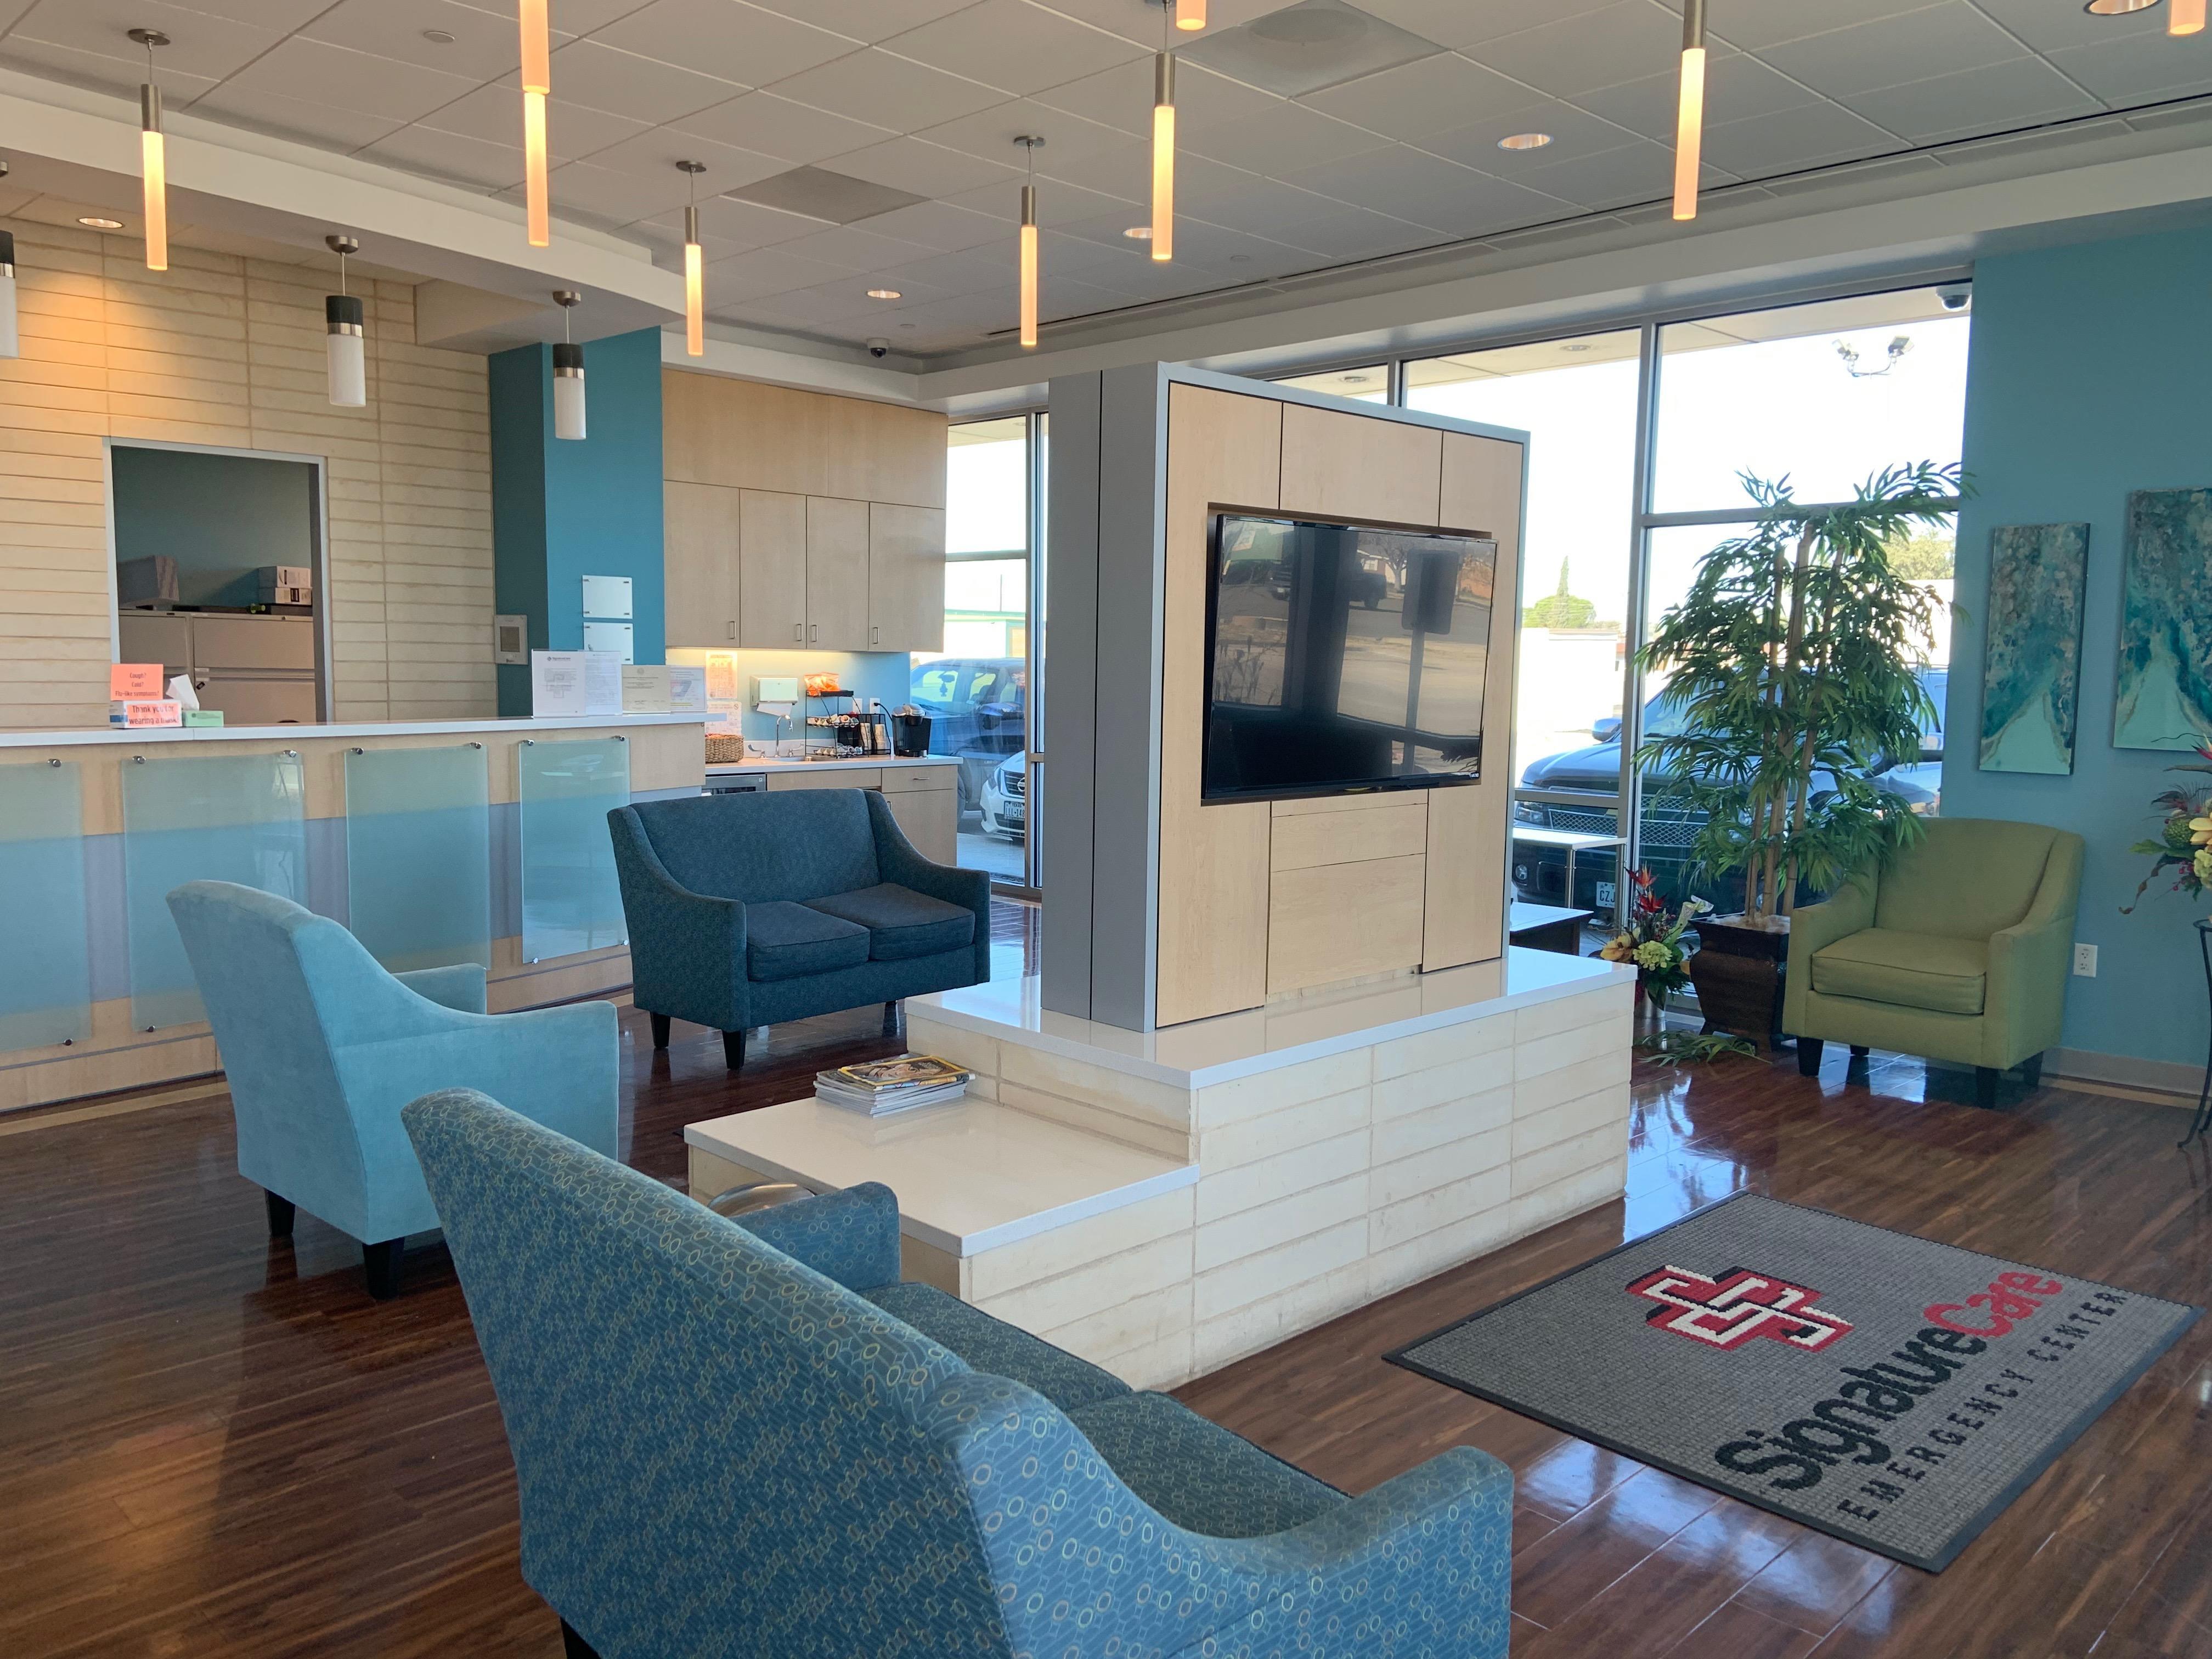 SignatureCare Emergency Center: Emergency Room image 7